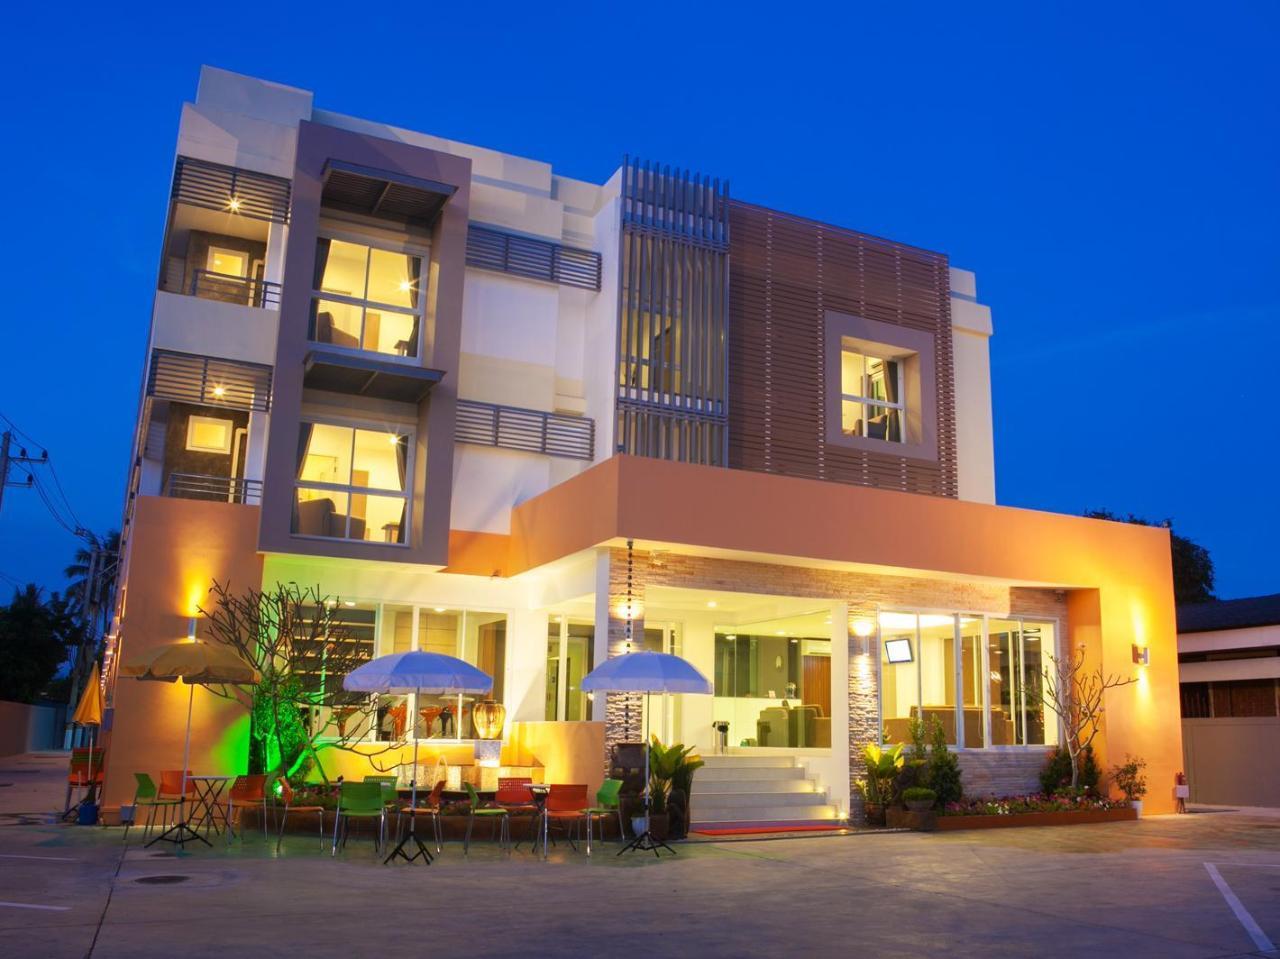 โรงแรมลา เบล (La Belle Hotel)